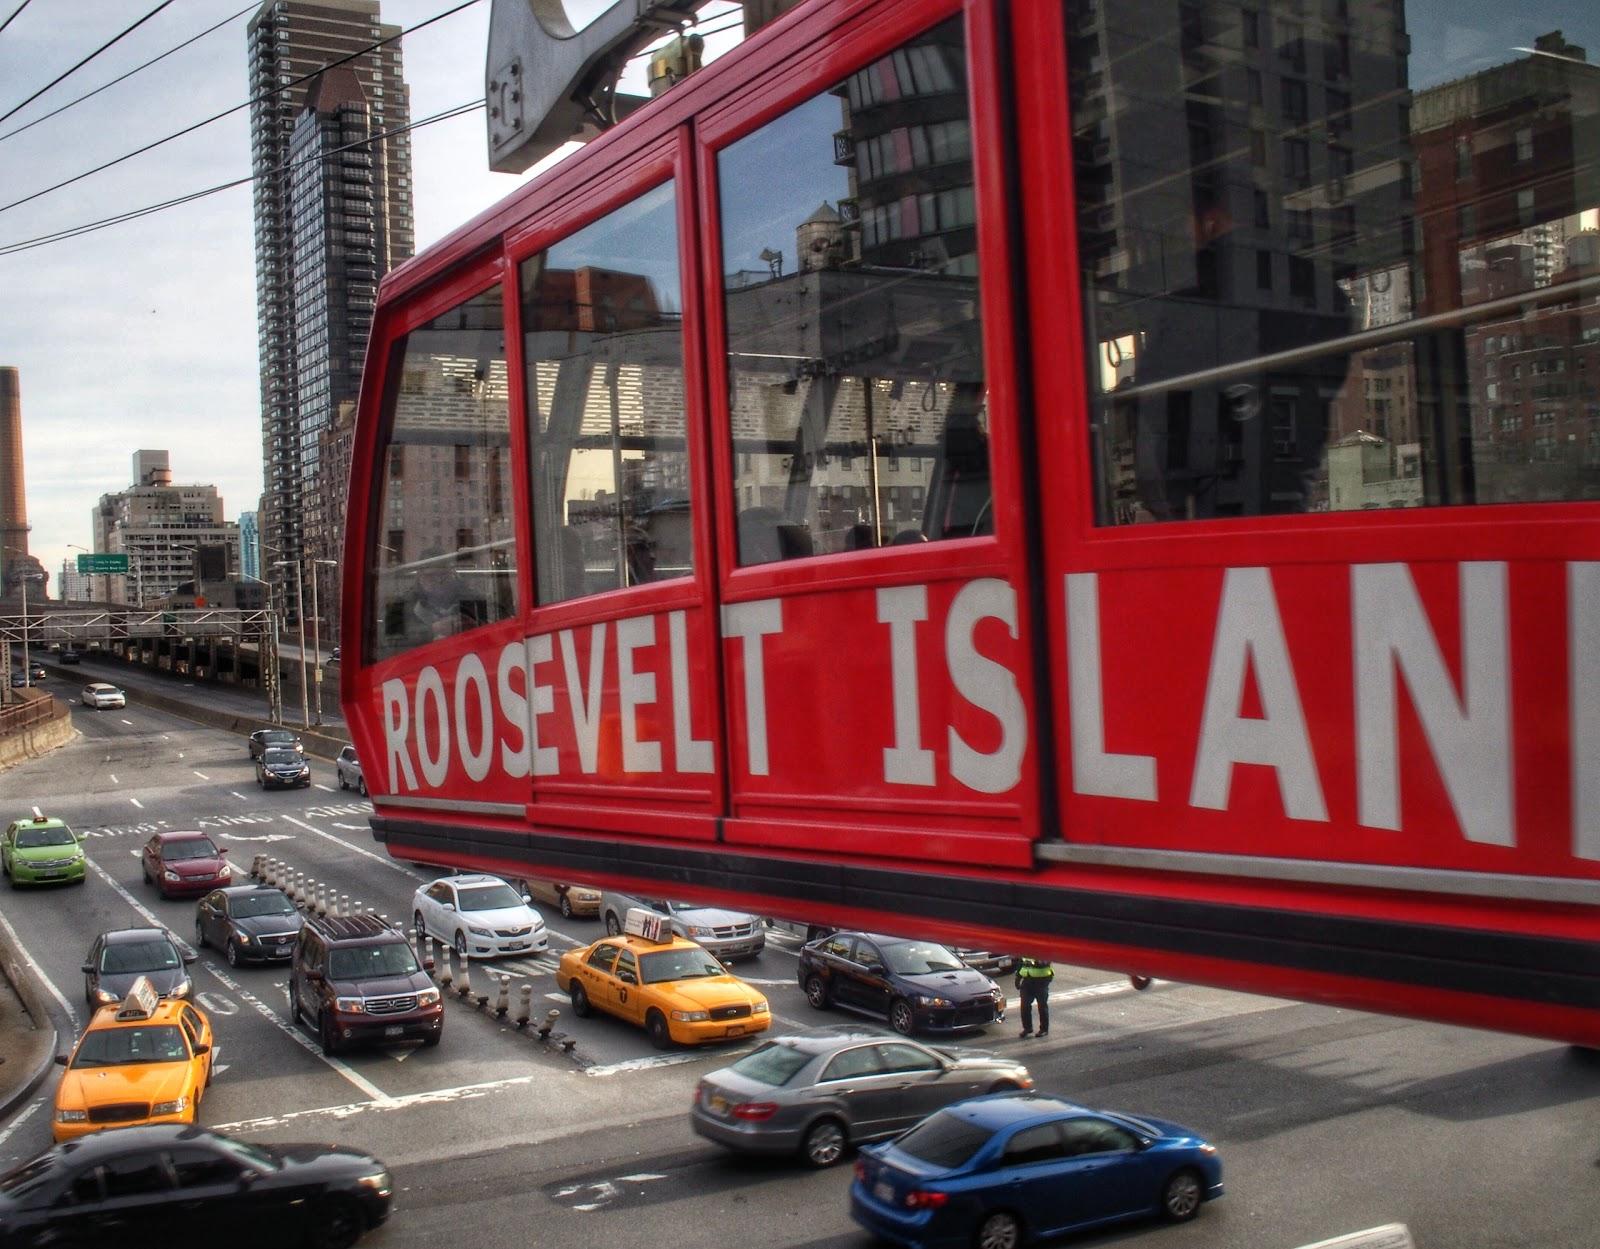 Roosevelt Island Tram #rooseveltisland #tram #nyc 2014